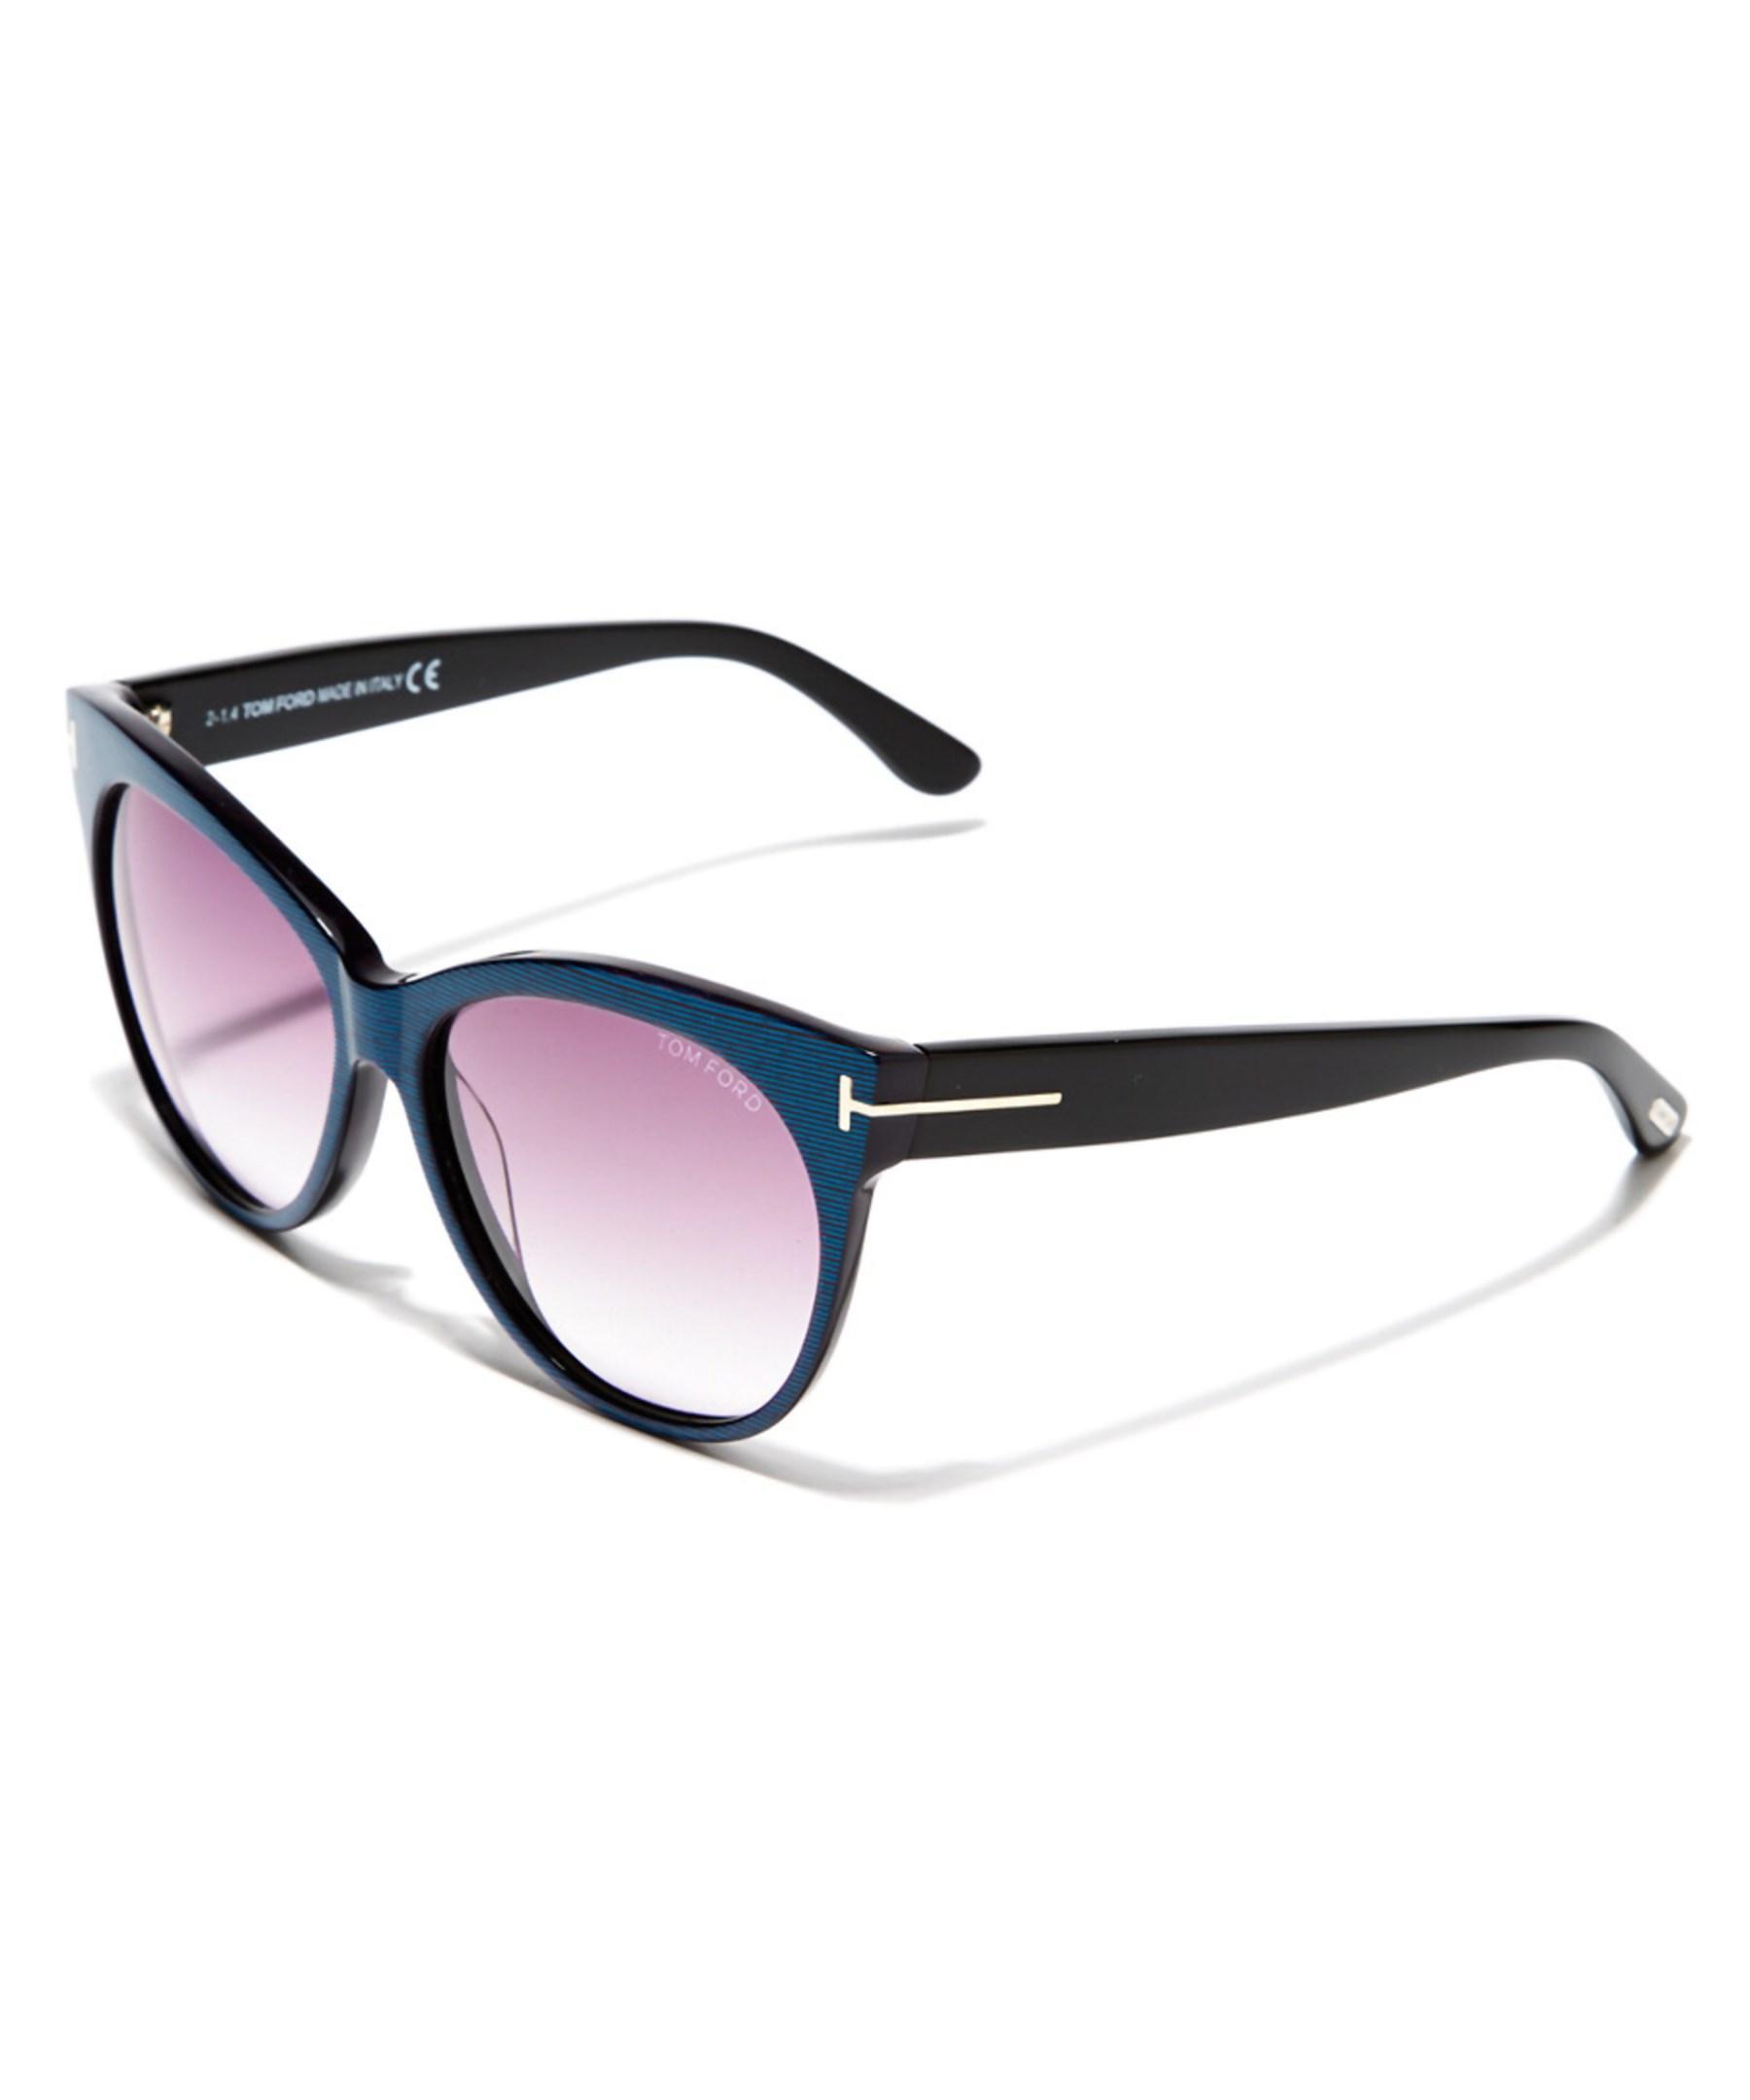 a07eab8a9fbf0 Lyst - Tom Ford Women s Saskia Sunglasses in Black